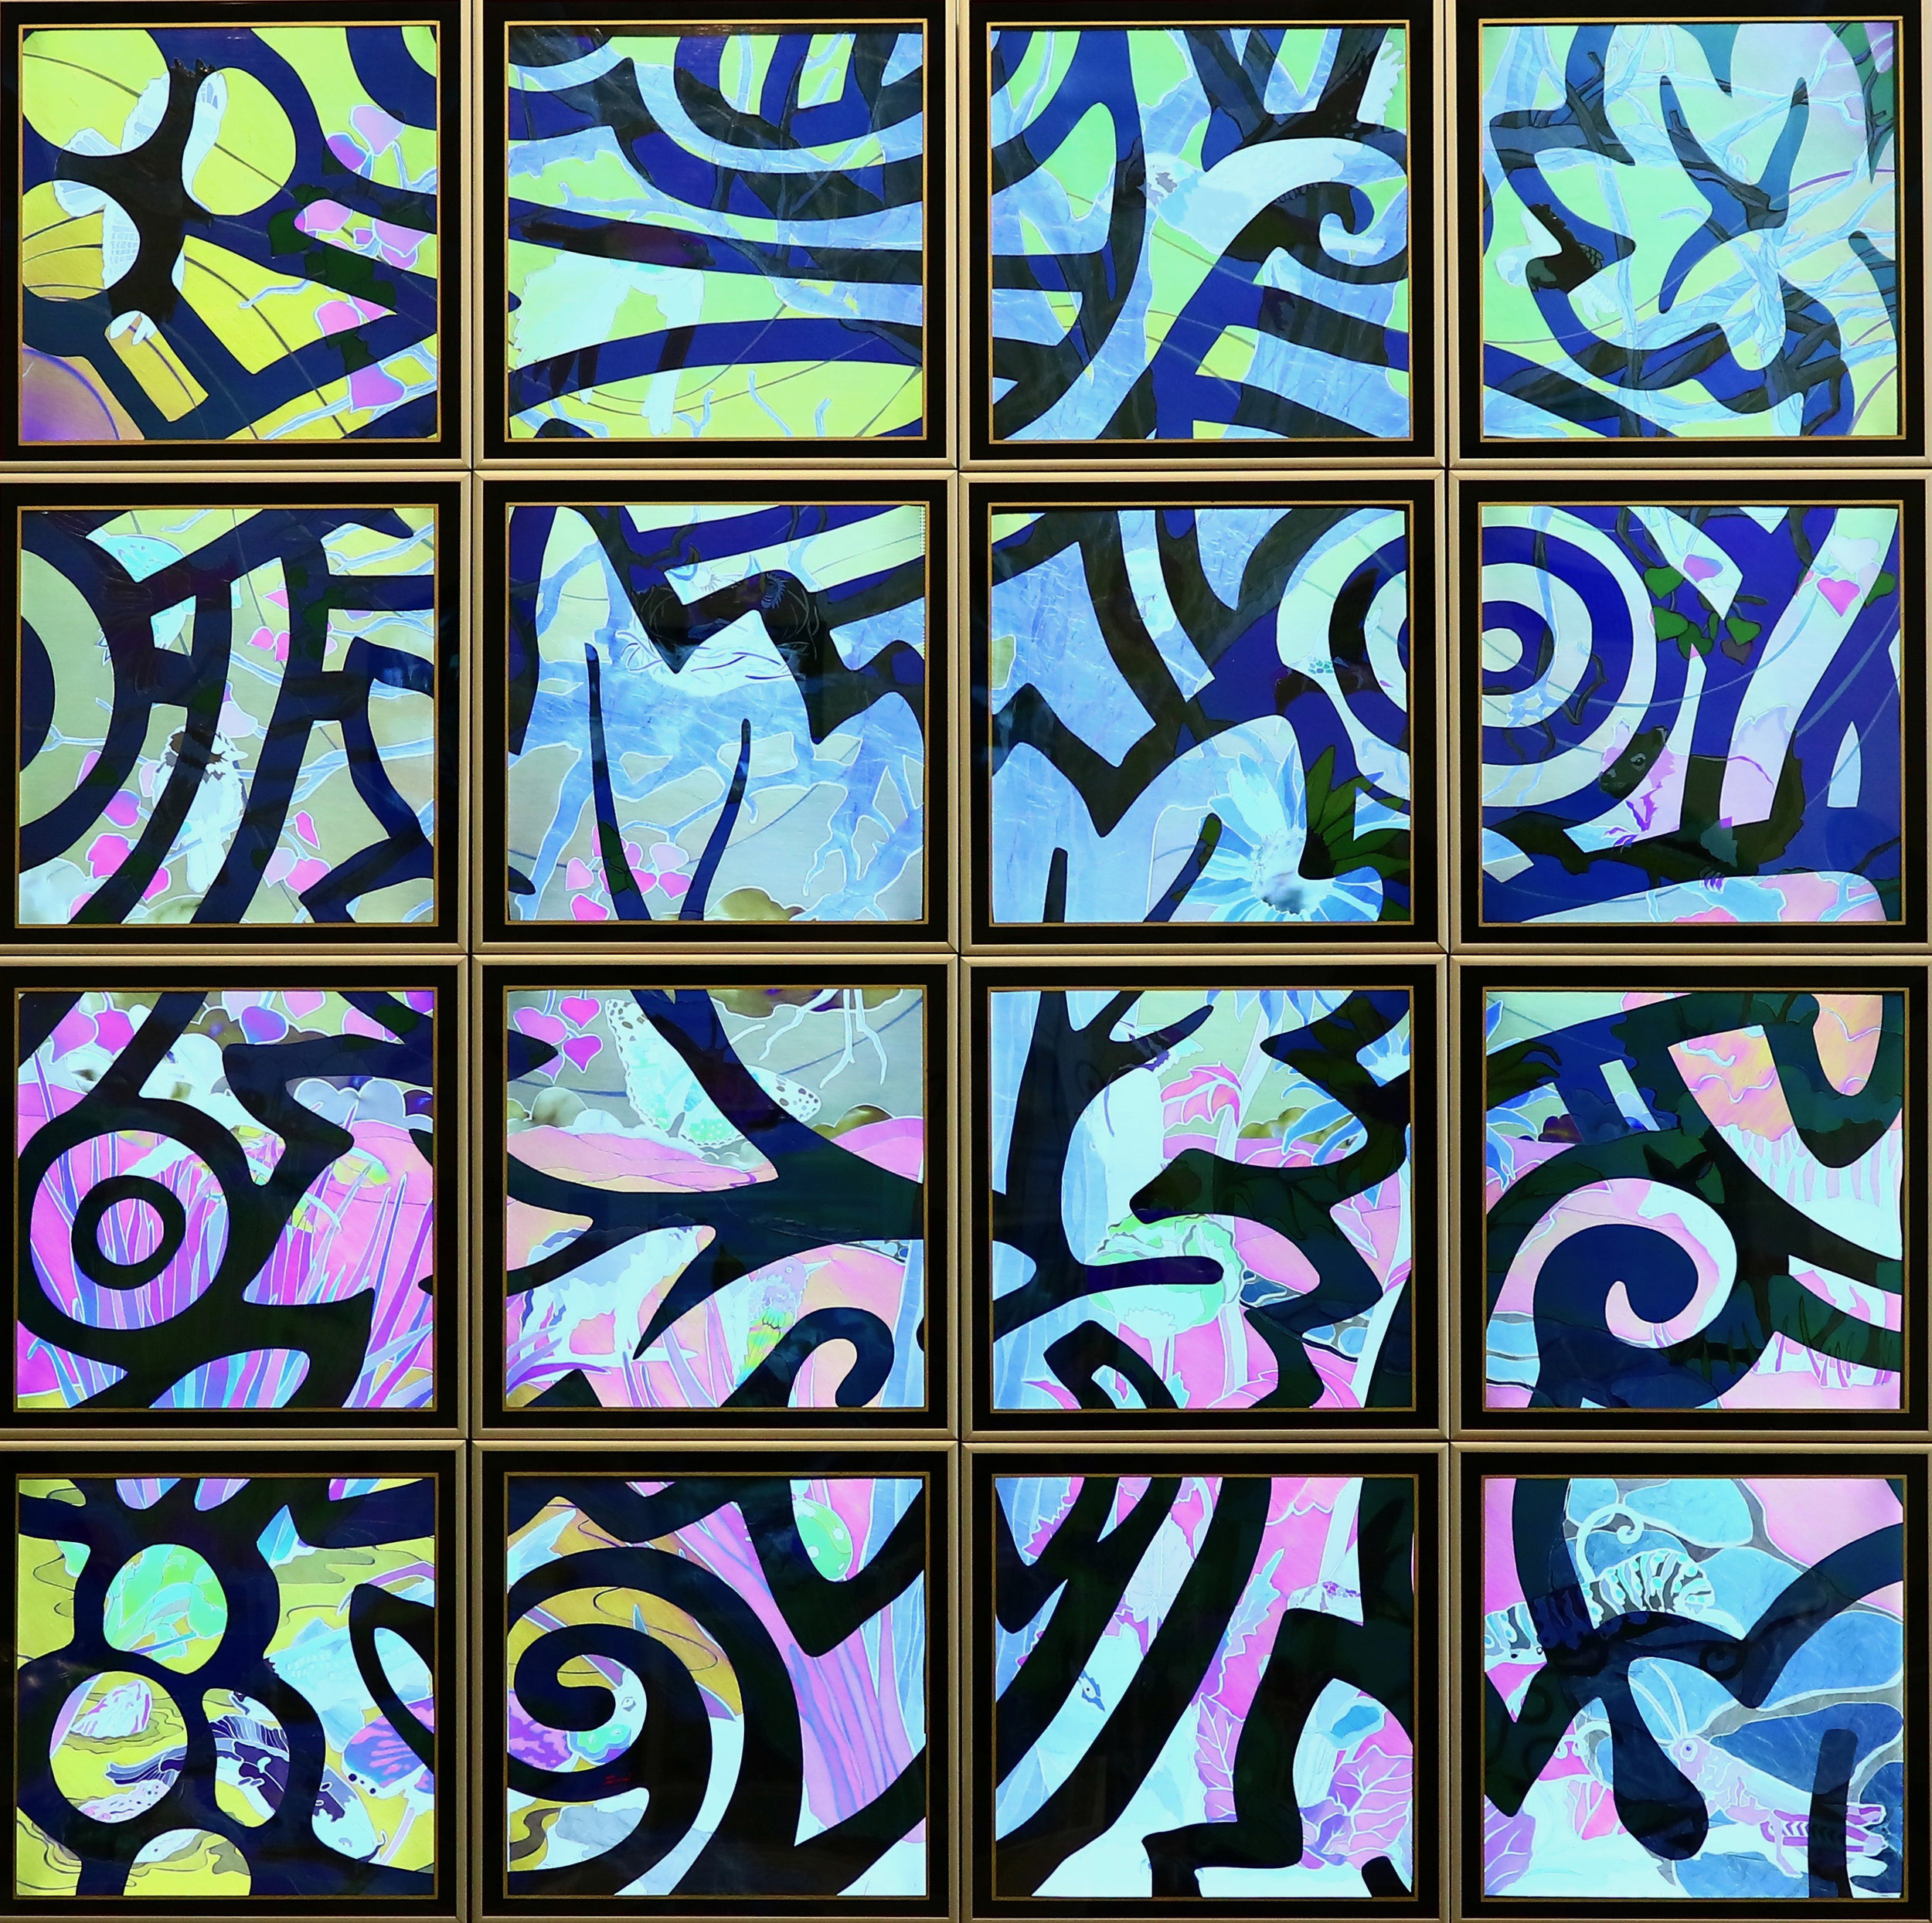 95024-Tapestry 2 Crop.jpg